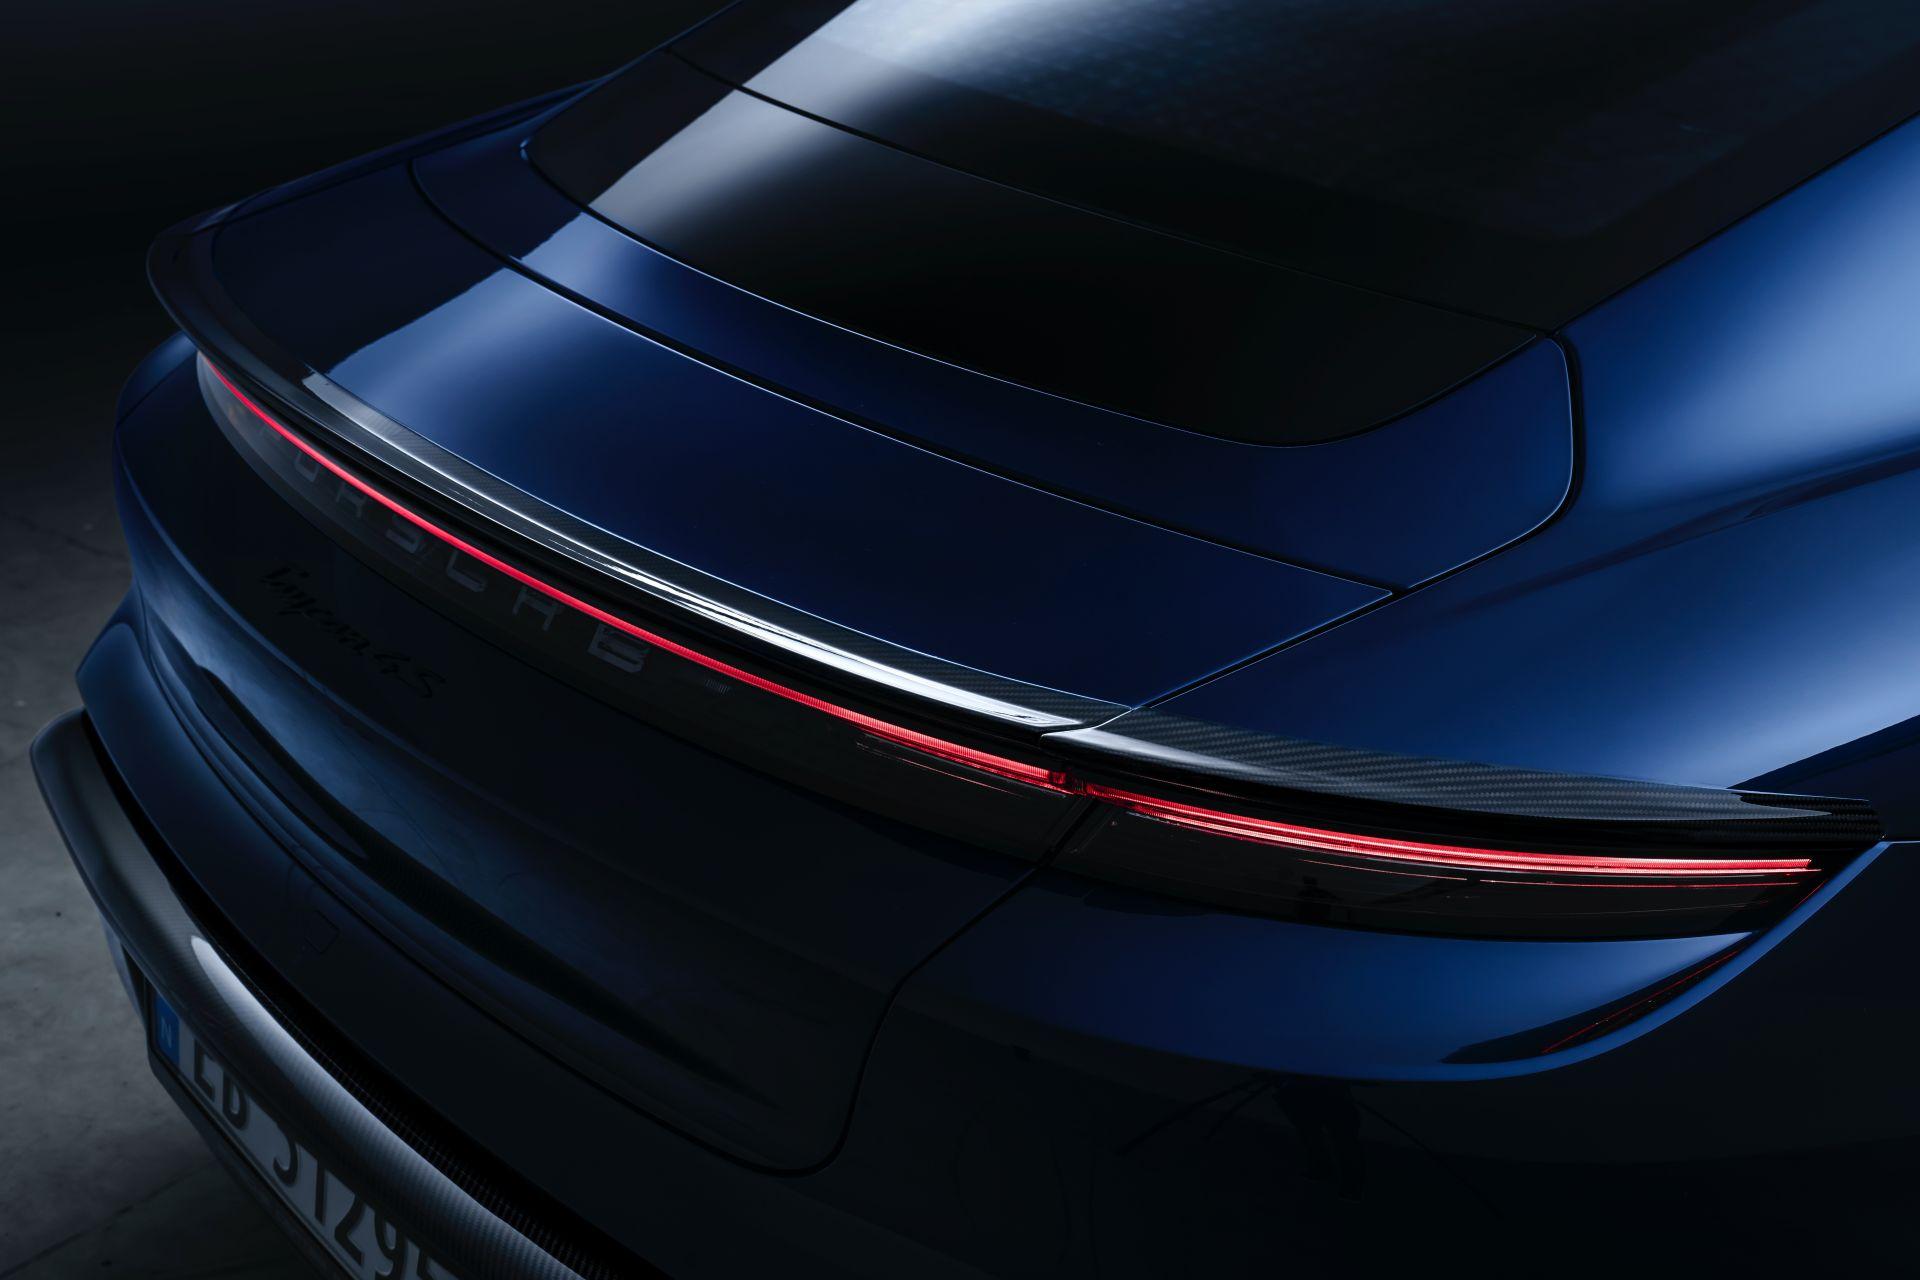 Porsche-Taycan-by-Zyrus-Engineering-4